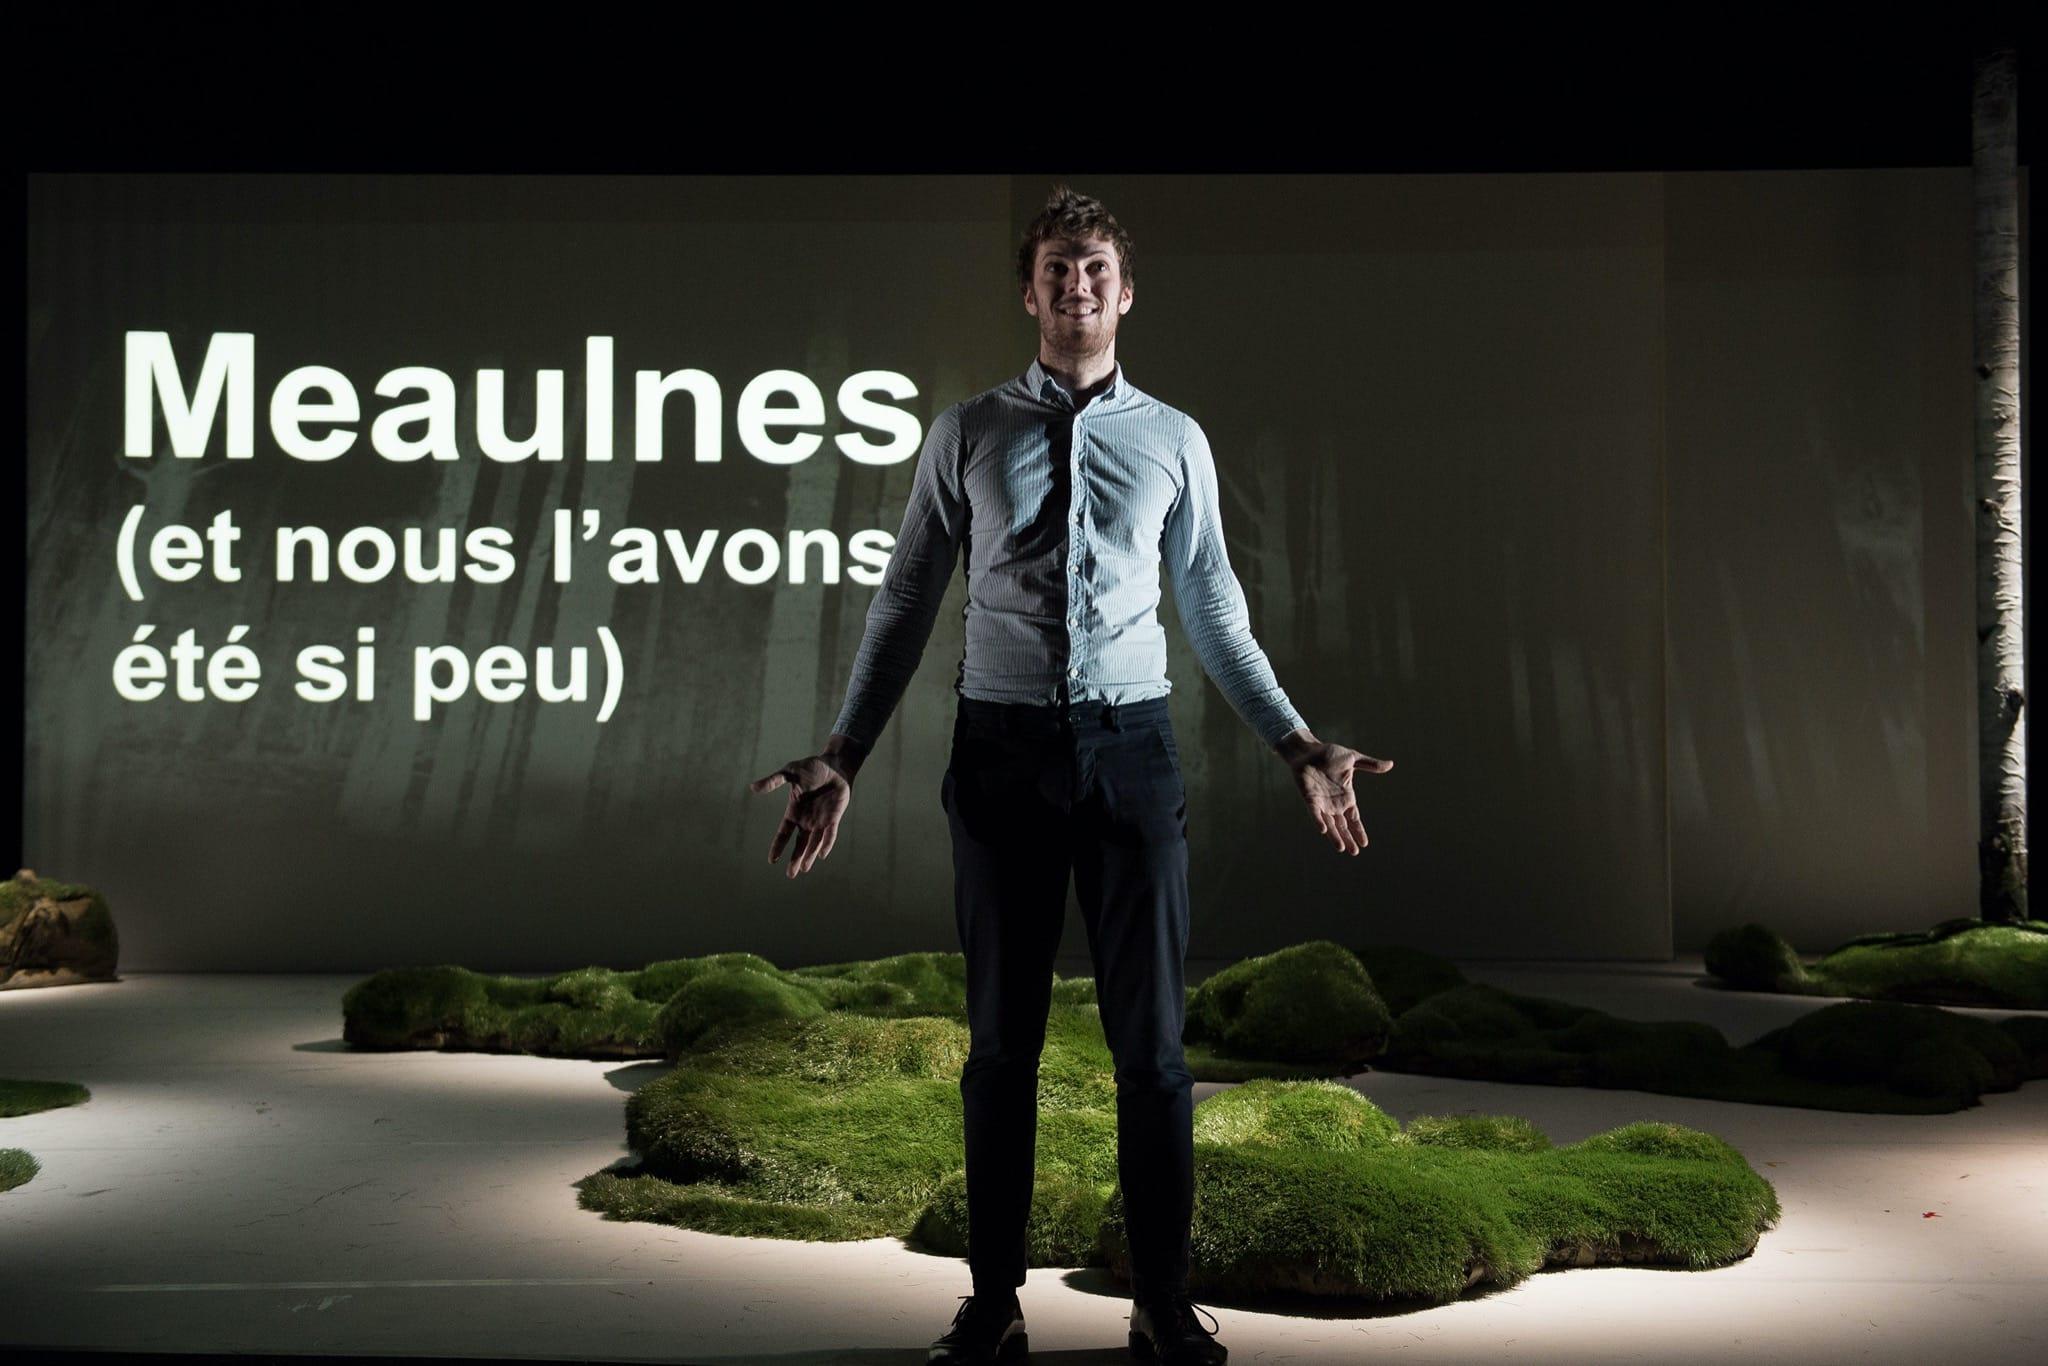 Meaulnes (ET NOUS L'AVONS ÉTÉ SI PEU) photo théâtre contemporain